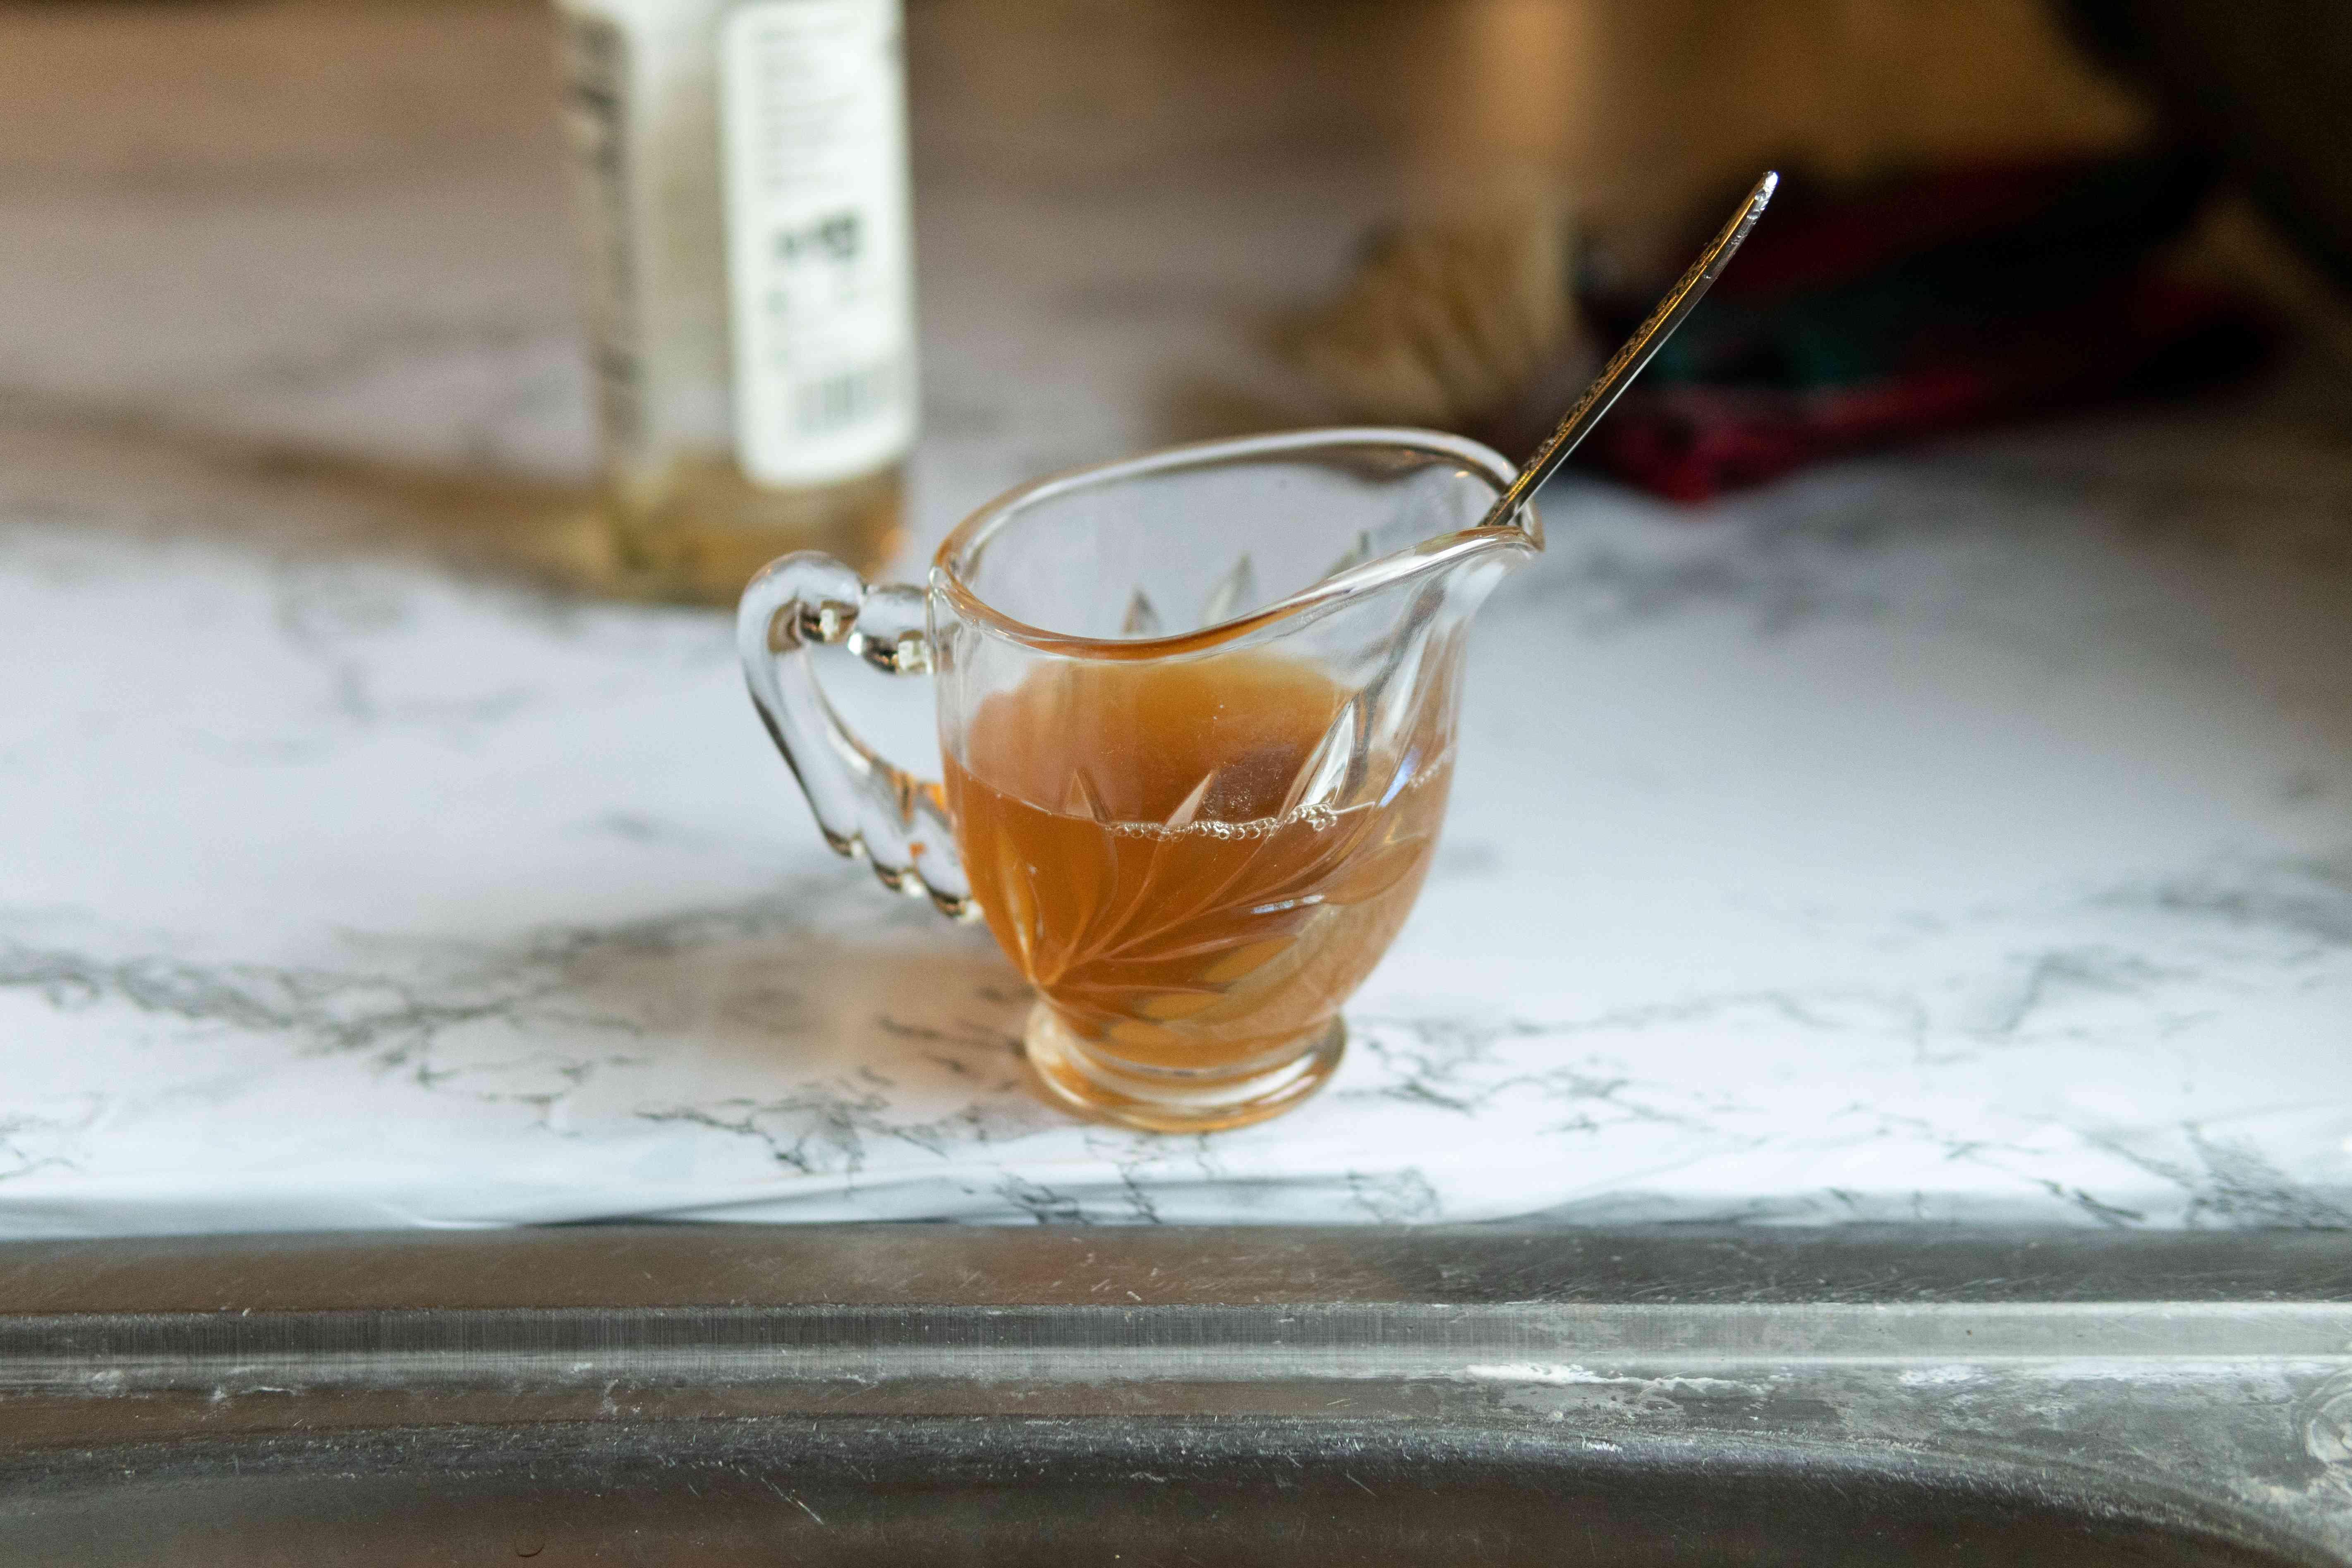 glass serving bowl of apple cider vinegar